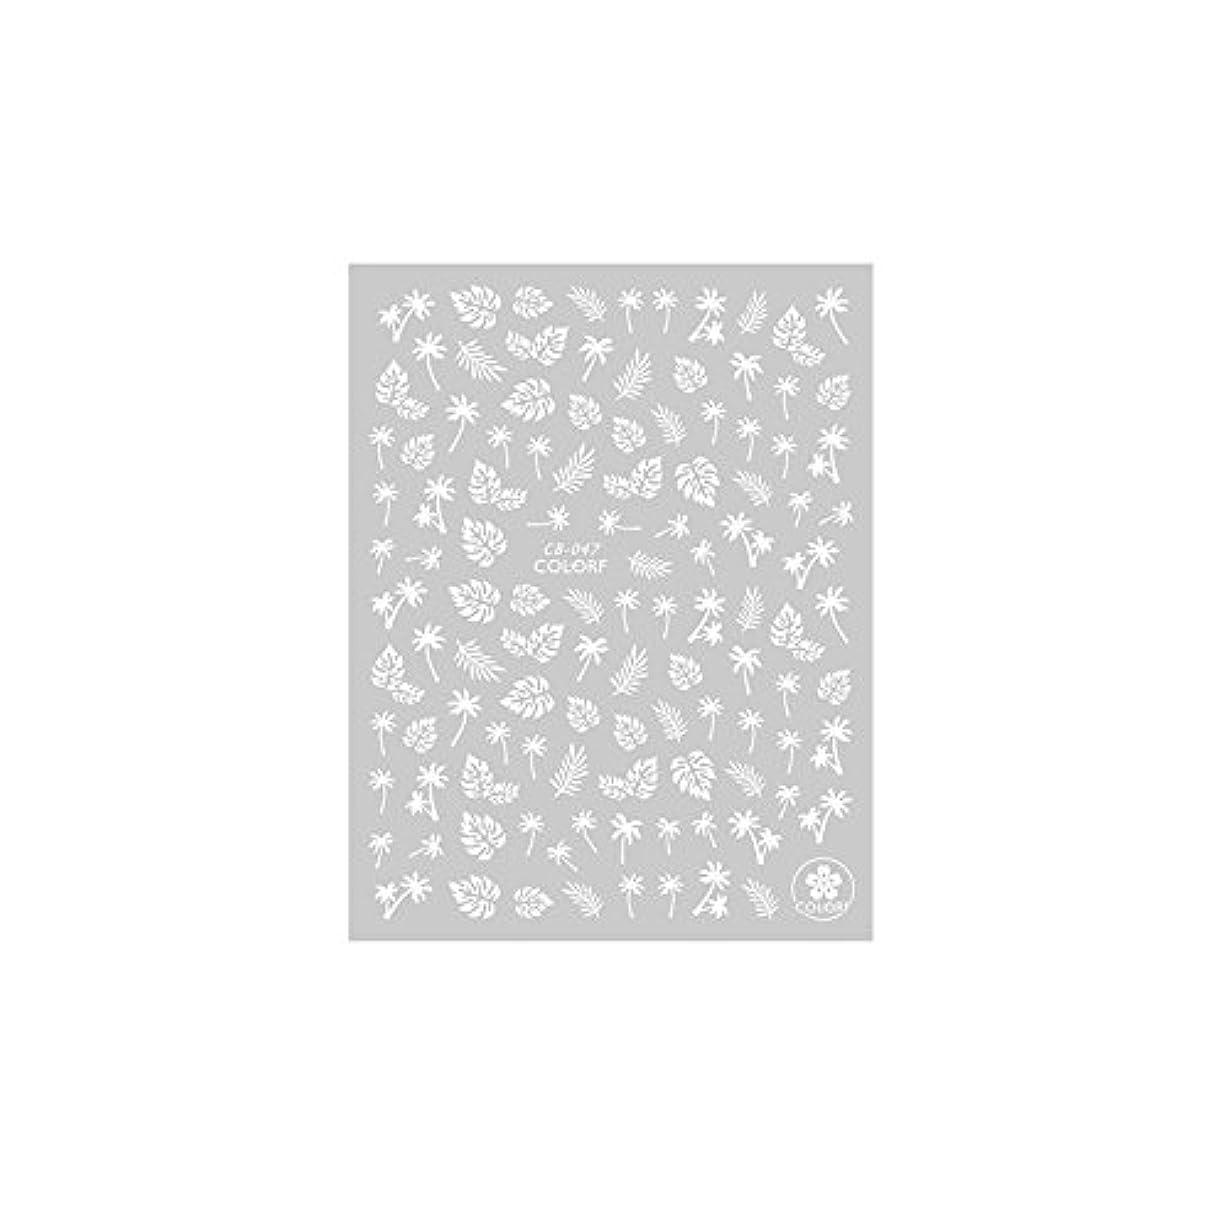 確保する刺す電気陽性irogel イロジェル ネイルシール パームツリー&モンステラシール ヤシの木 リーフ【CB-047?白】